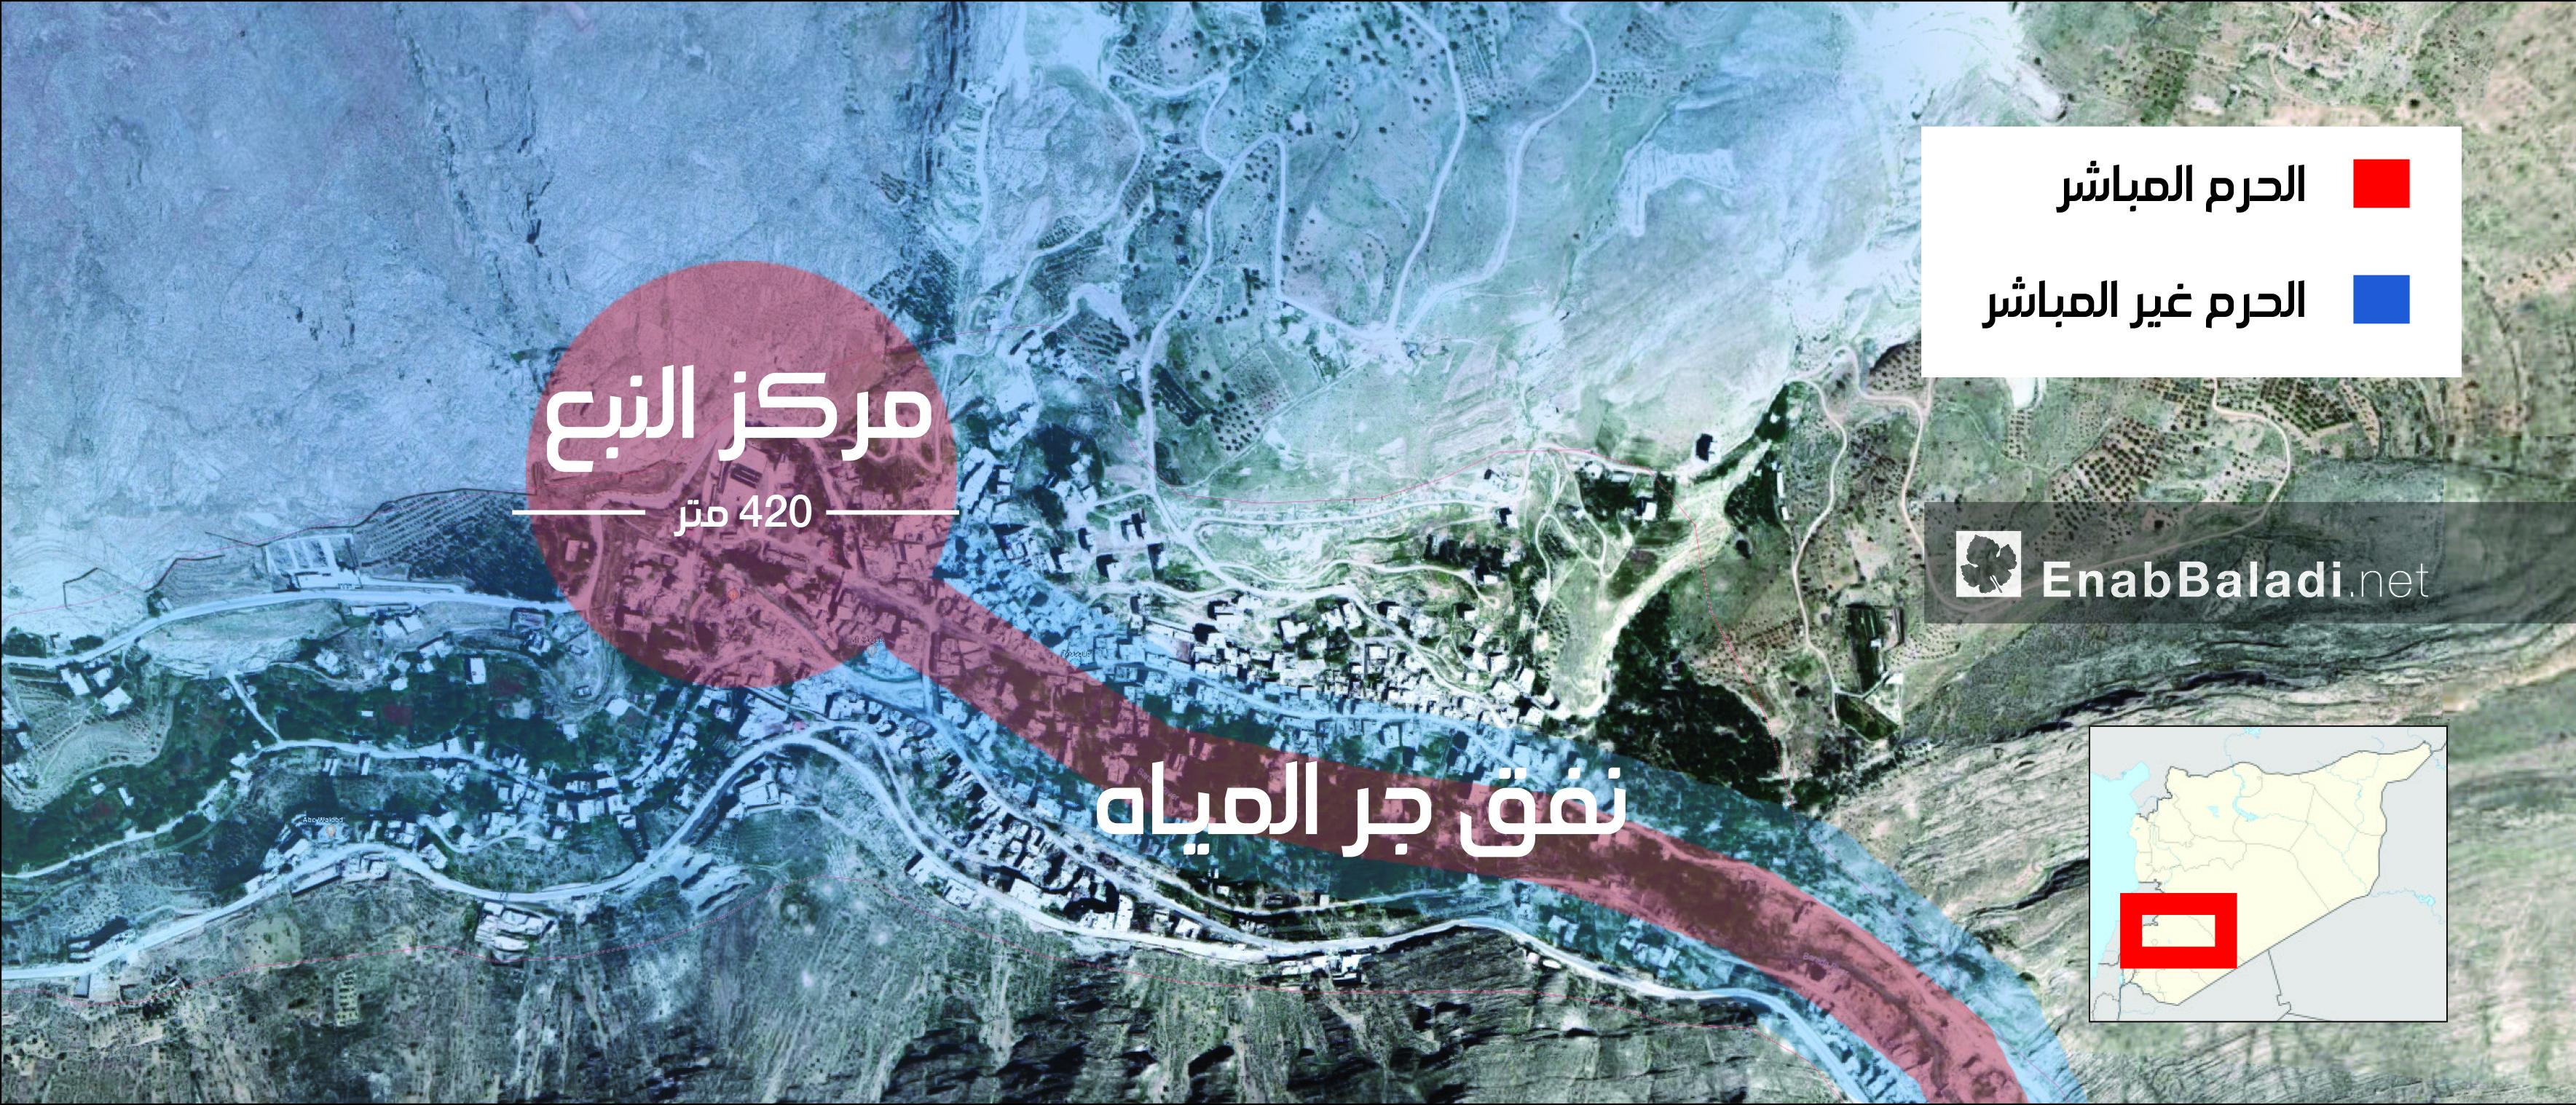 خريطة تظهر مساحات الاستملاك وفق القانون الجديد لحرمي عين الفيجة (عنب بلدي)